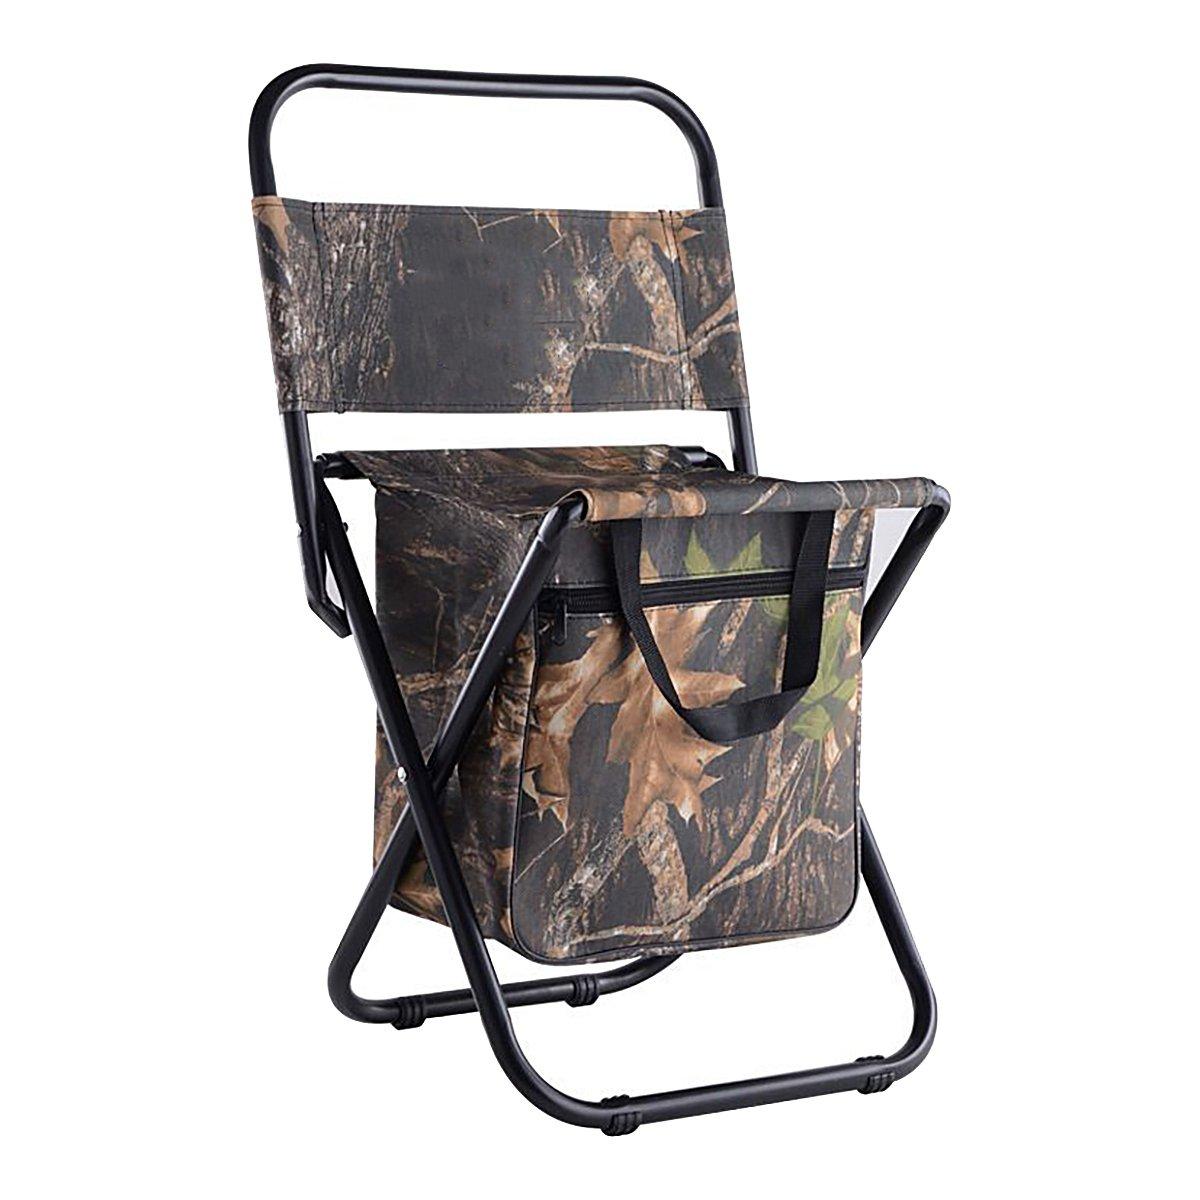 折りたたみキャンプ椅子withストレージポケットハイキング、キャンプ、釣り、ビーチ、屋外の B078MRD8BK メープル メープル